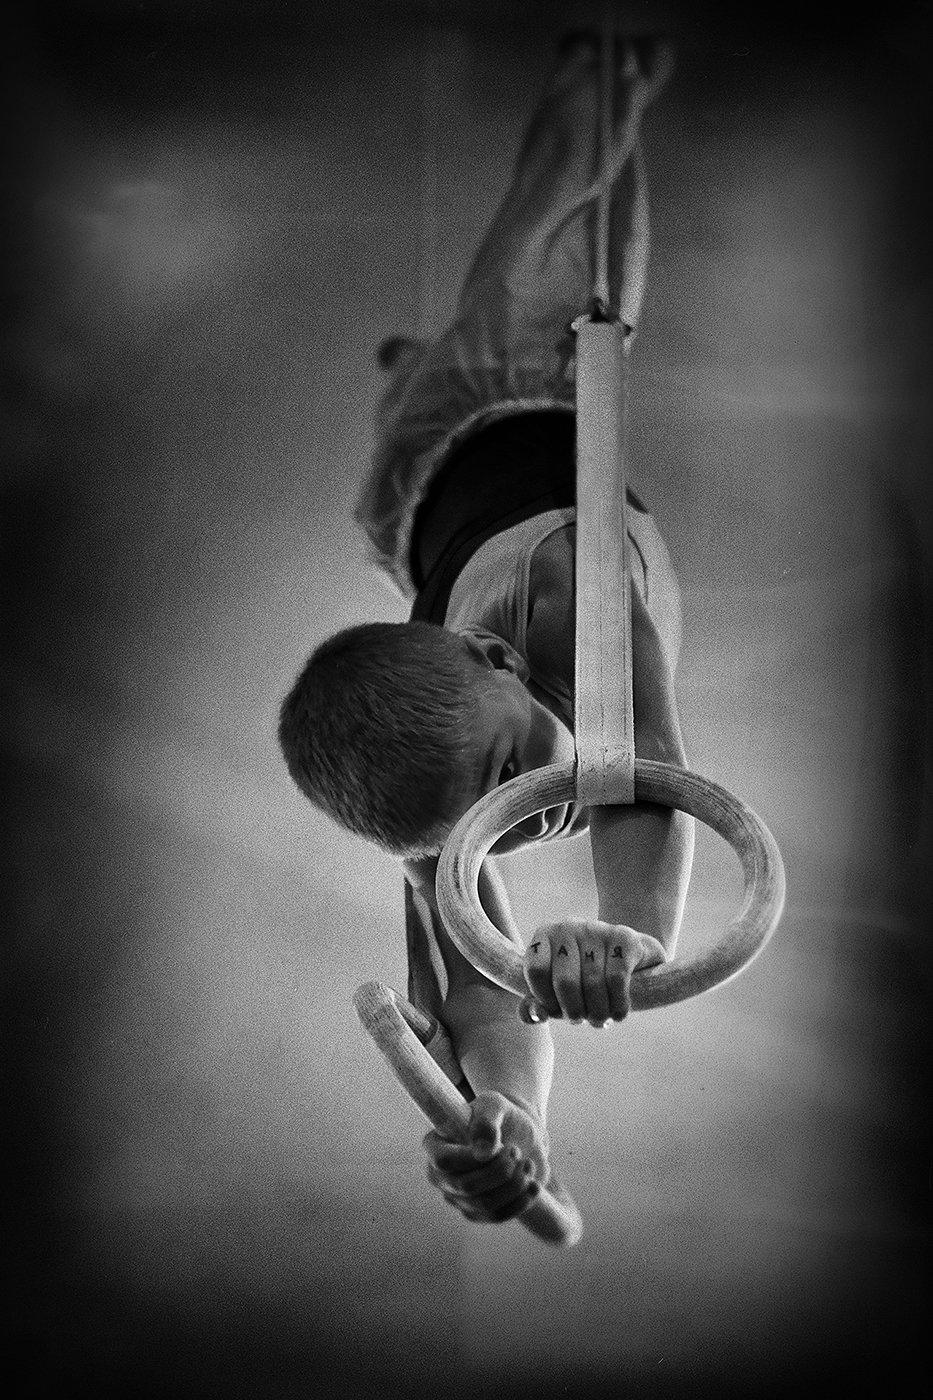 мальчик, гимнаст, тату, руки, напряжение, упражнение, спорт, кольца, гимнастика, выступление, соревнование, Alla Sokolova